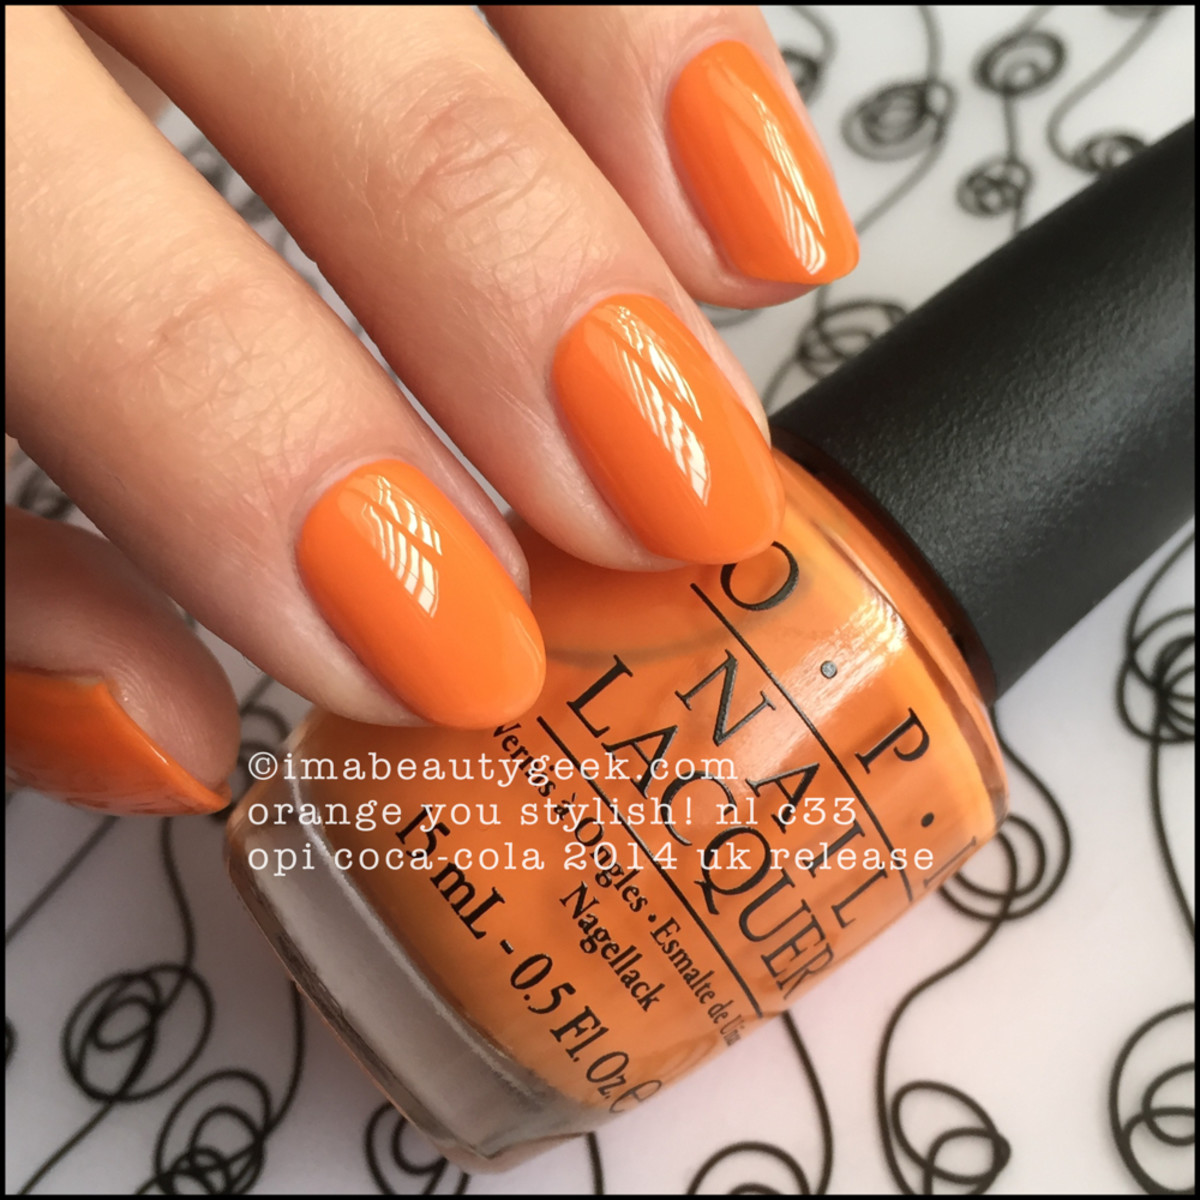 OPI Orange You Stylish OPI Coca Cola UK Release